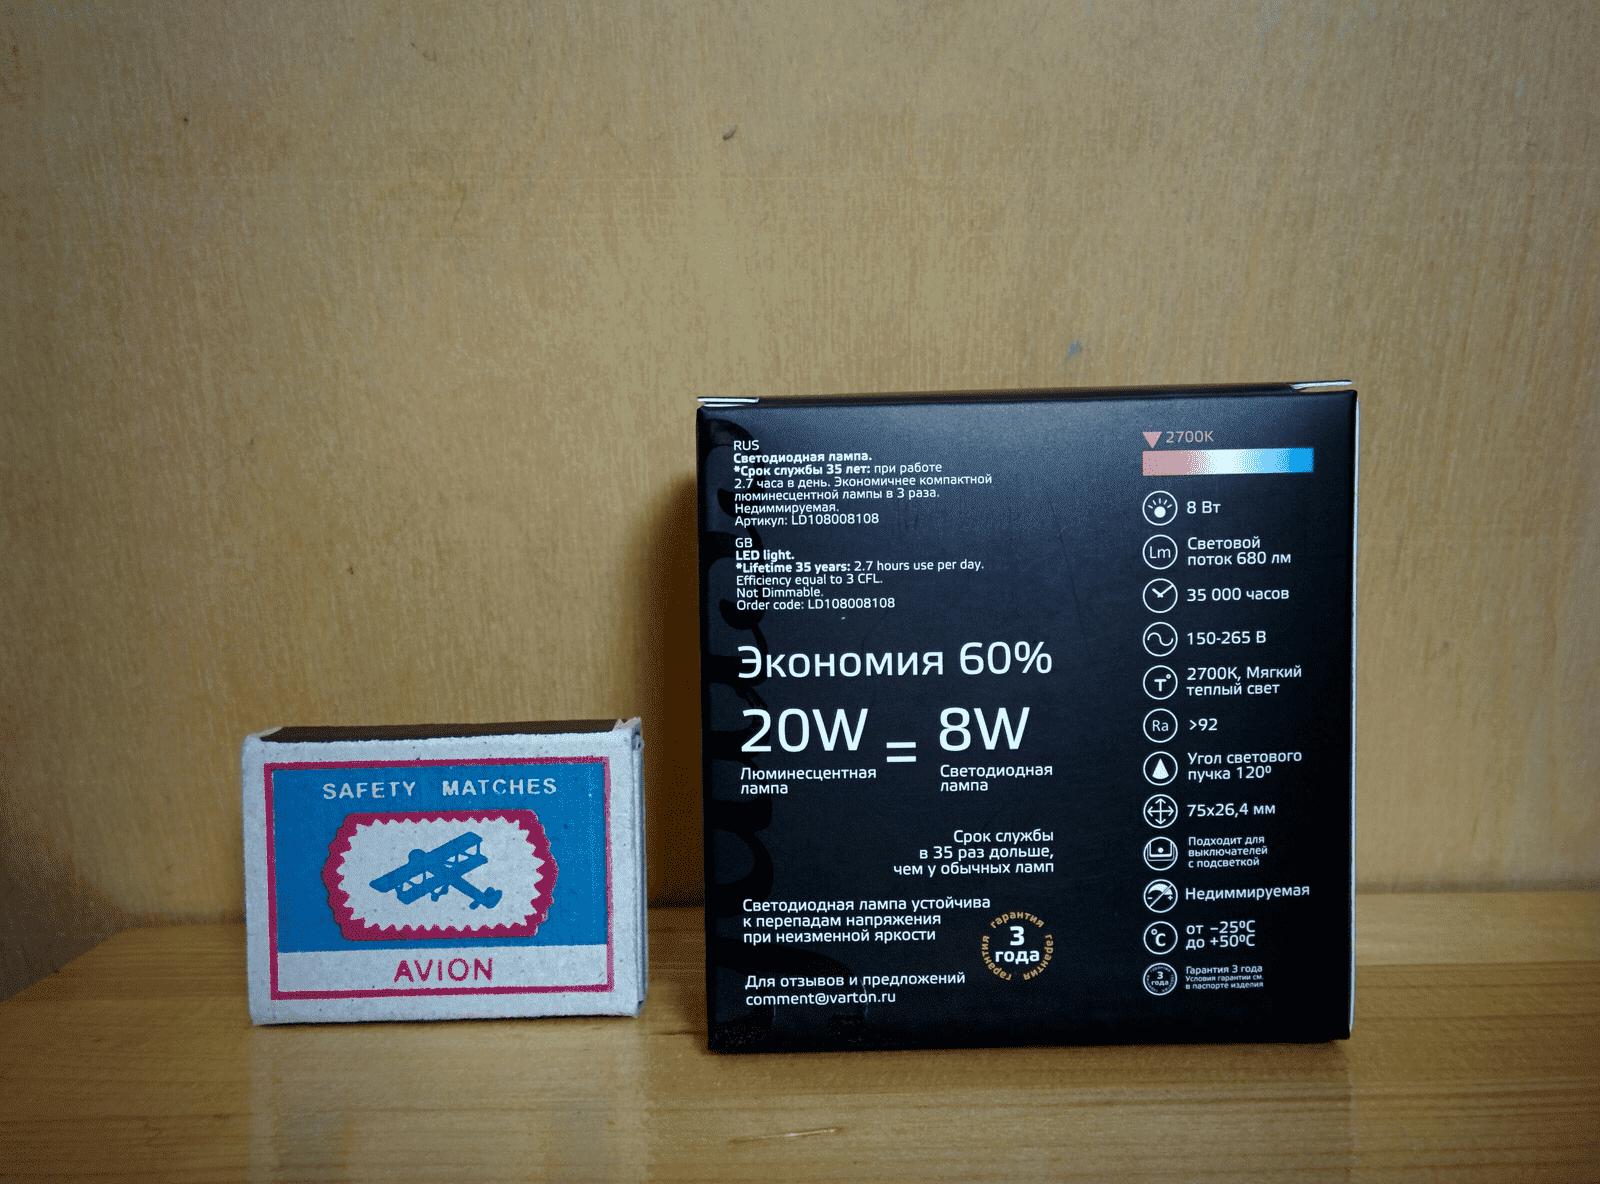 Gauss LED GX53 8W 2700K арт. LD108008108 Характеристики